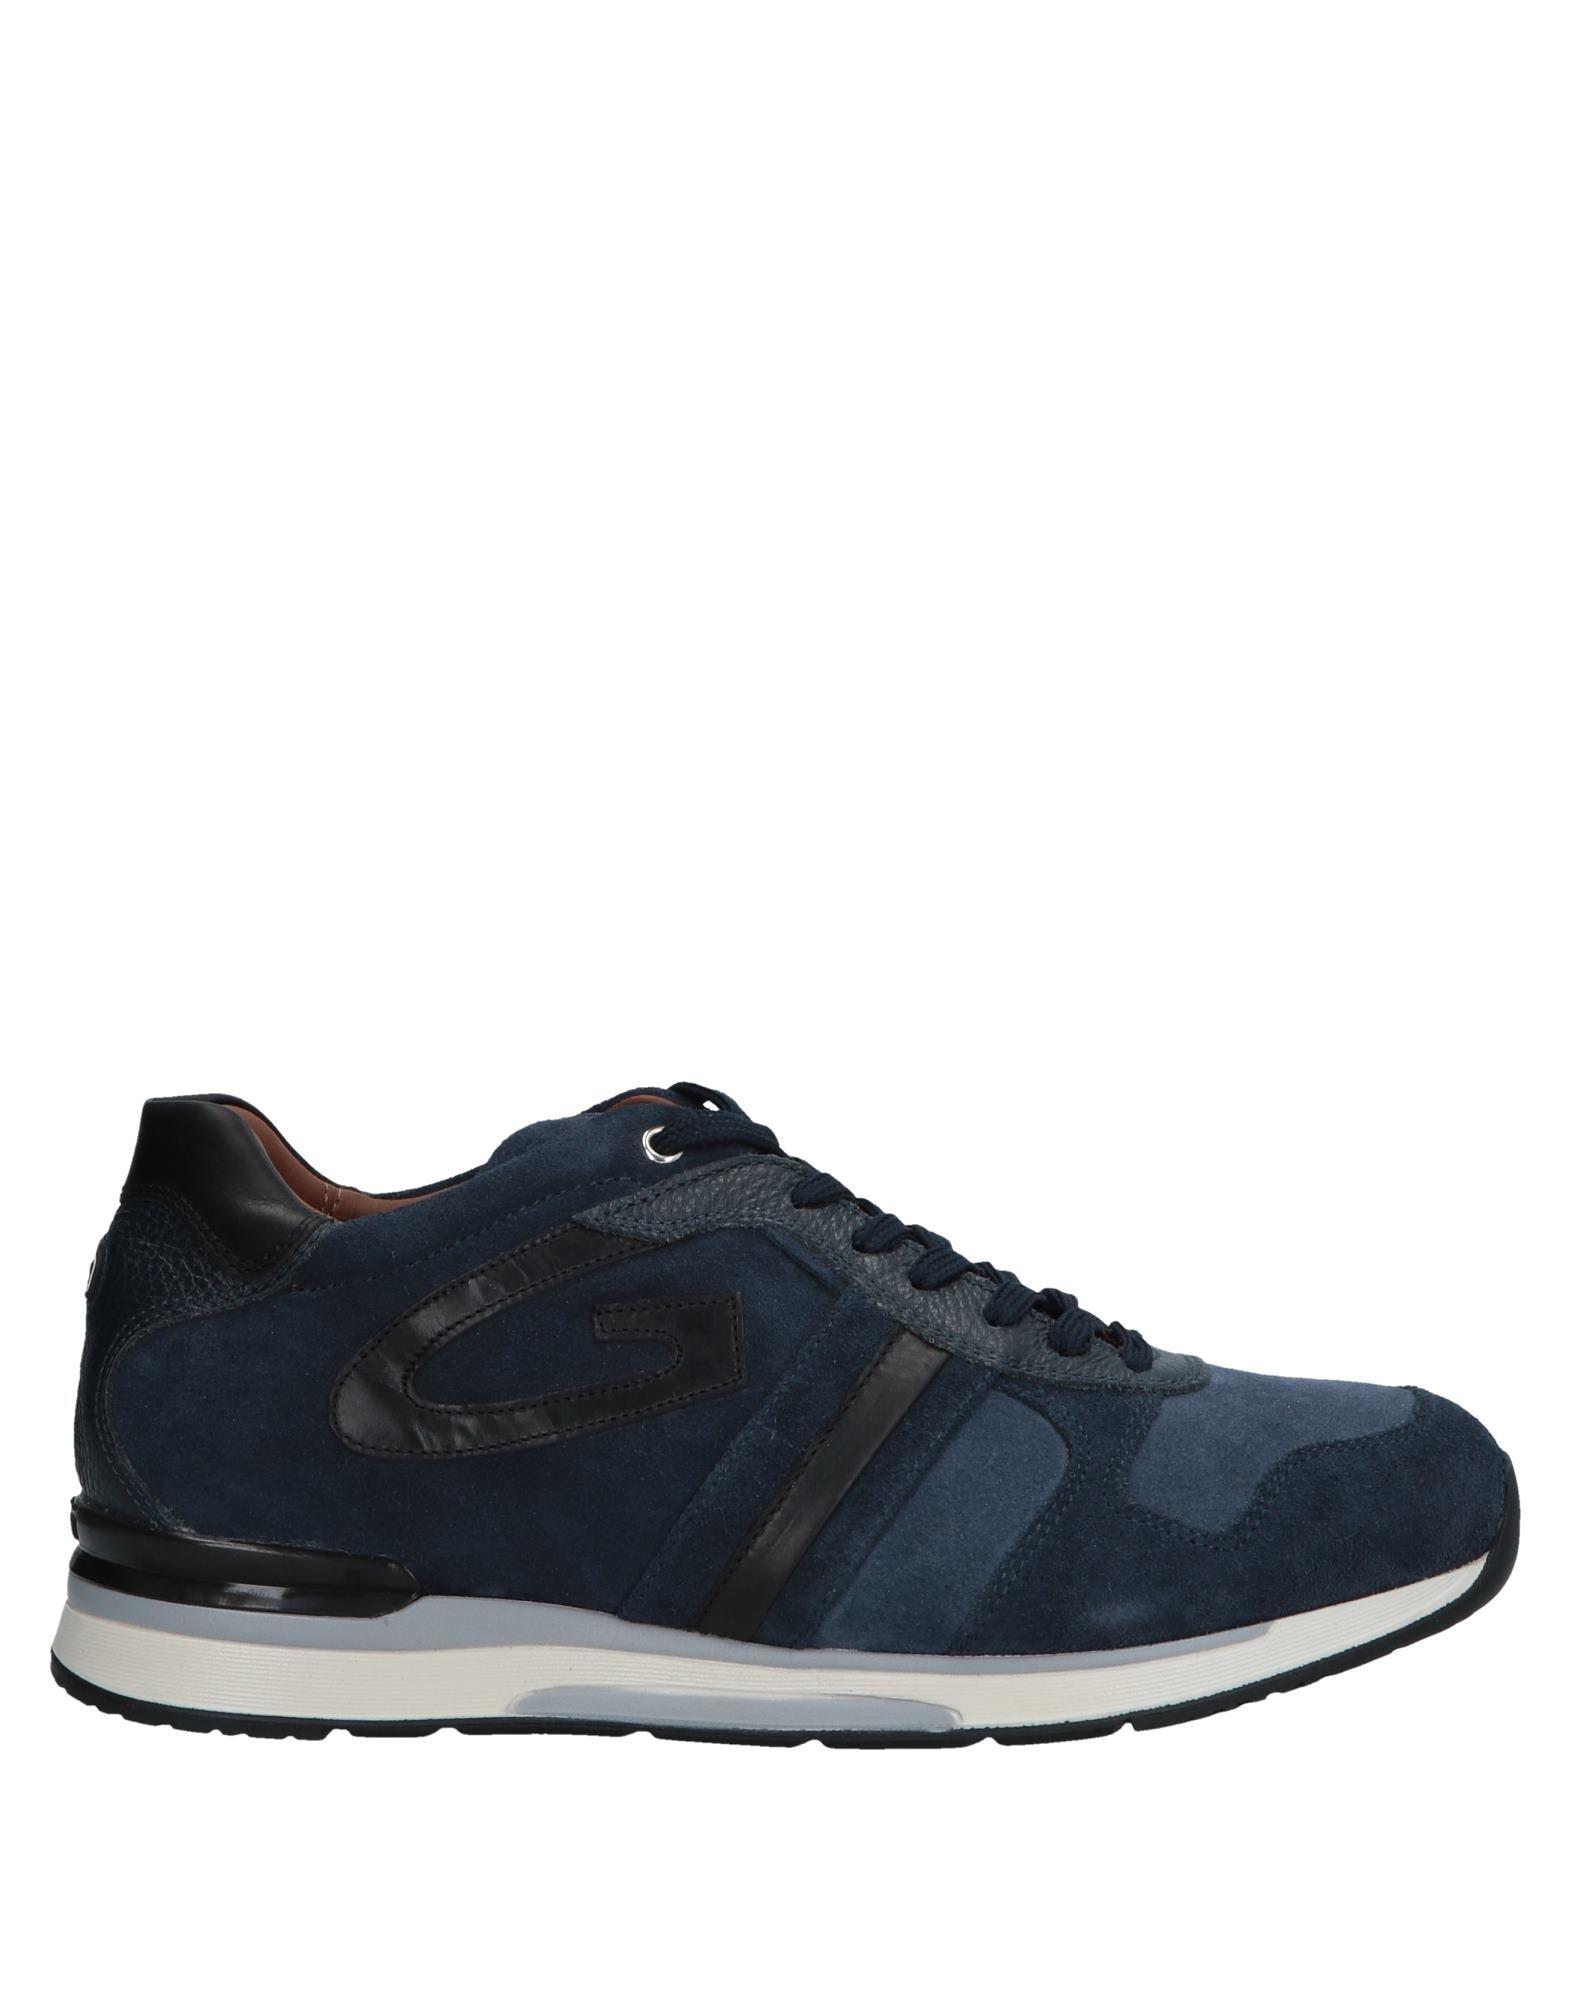 Alberto Guardiani Sneakers Herren beliebte  11571406HO Gute Qualität beliebte Herren Schuhe 7f75d9